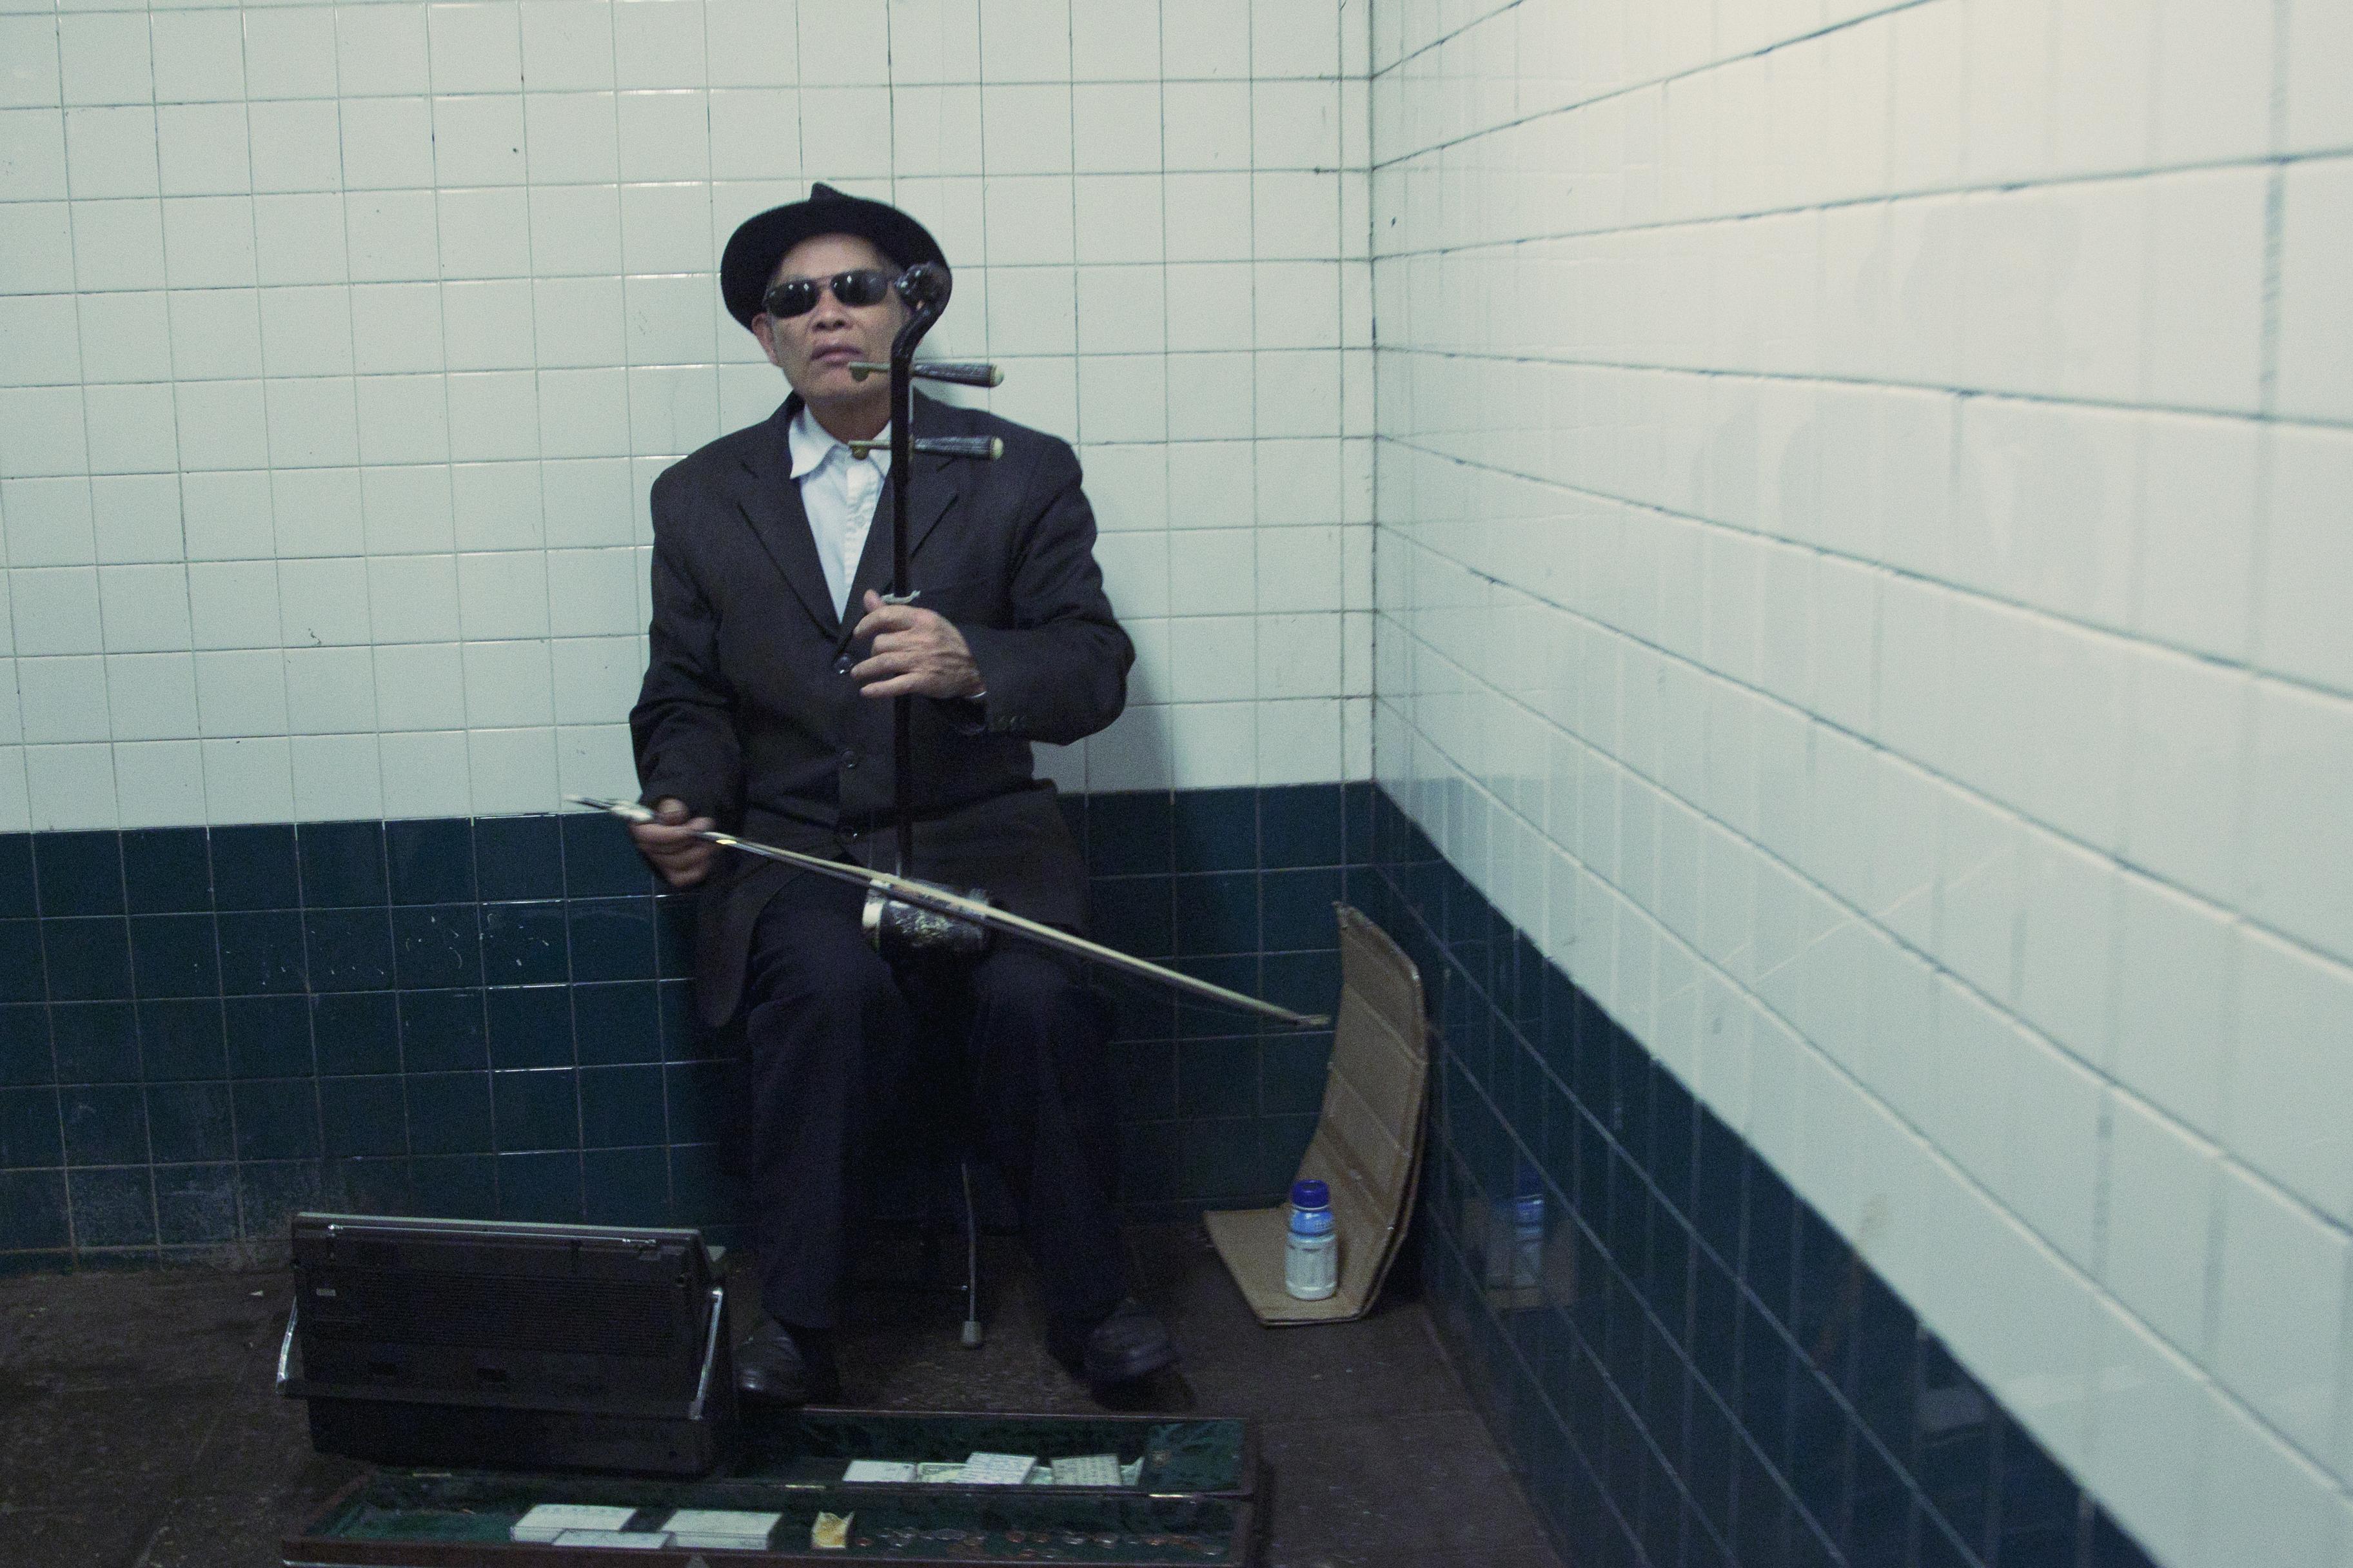 New York City Blind Musician